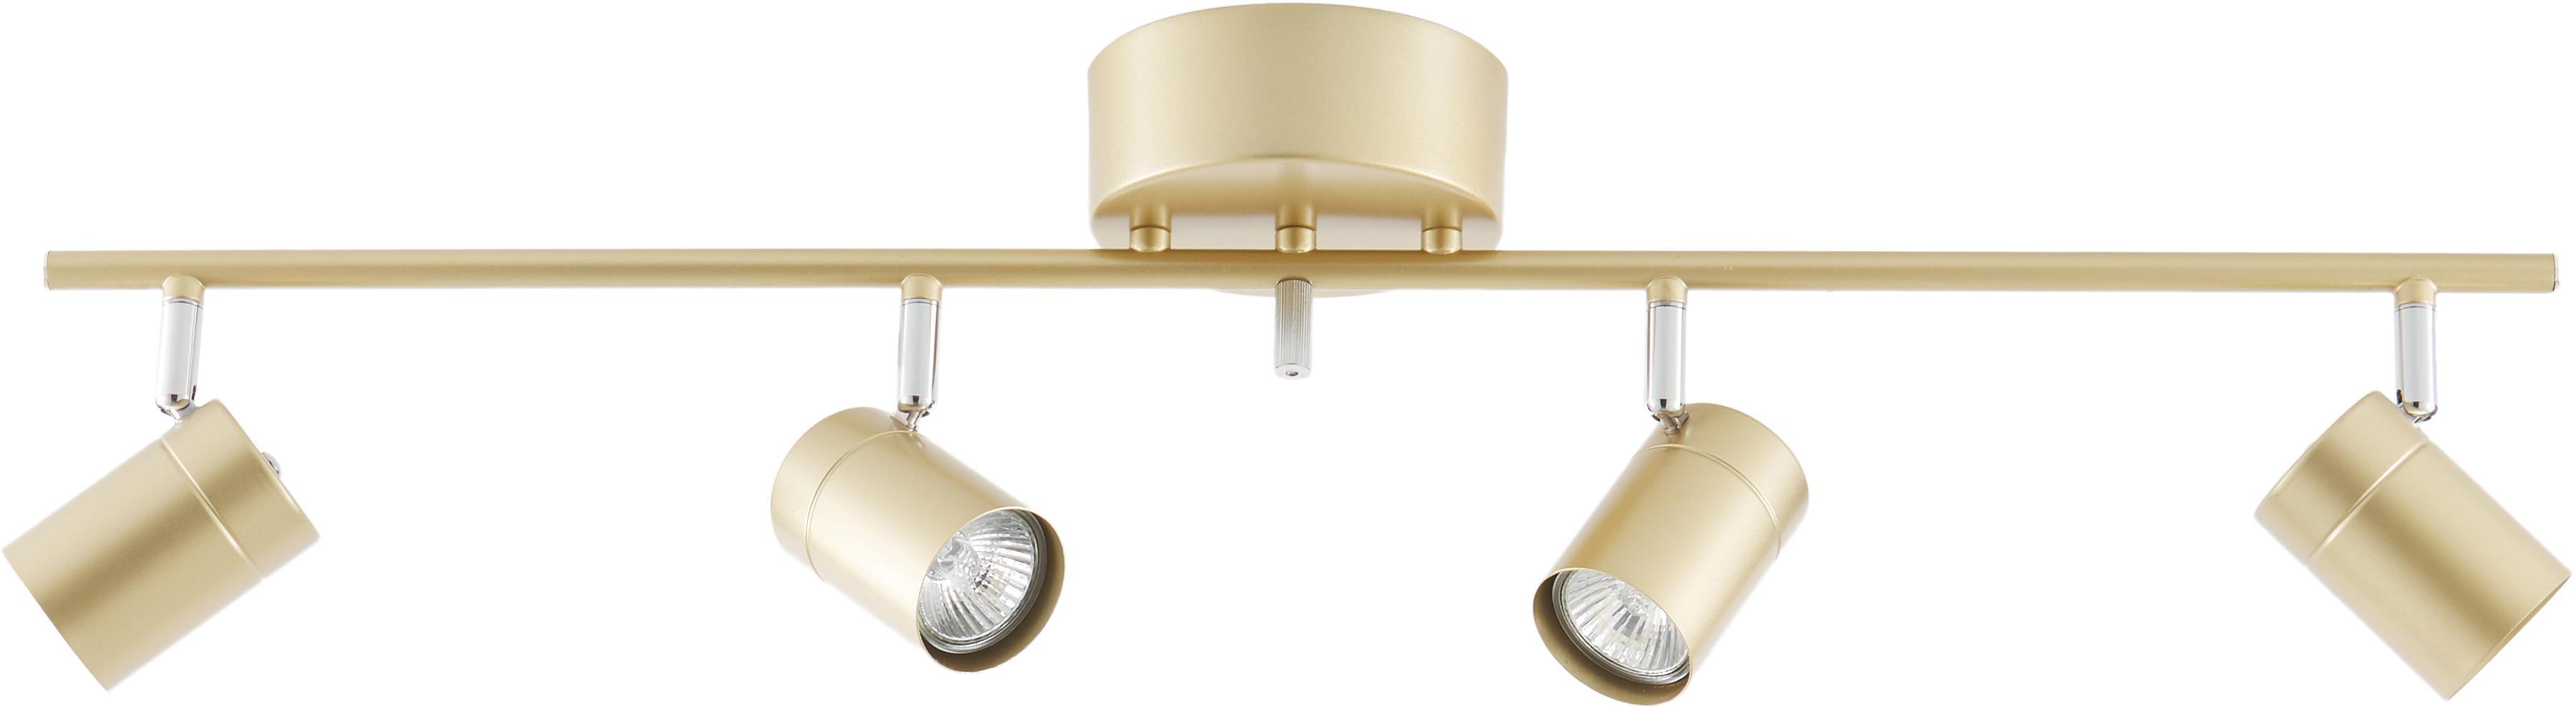 Deckenstrahler Correct, Gestell: Metall, beschichtet, Baldachin: Metall, beschichtet, Goldfarben, 83 x 18 cm